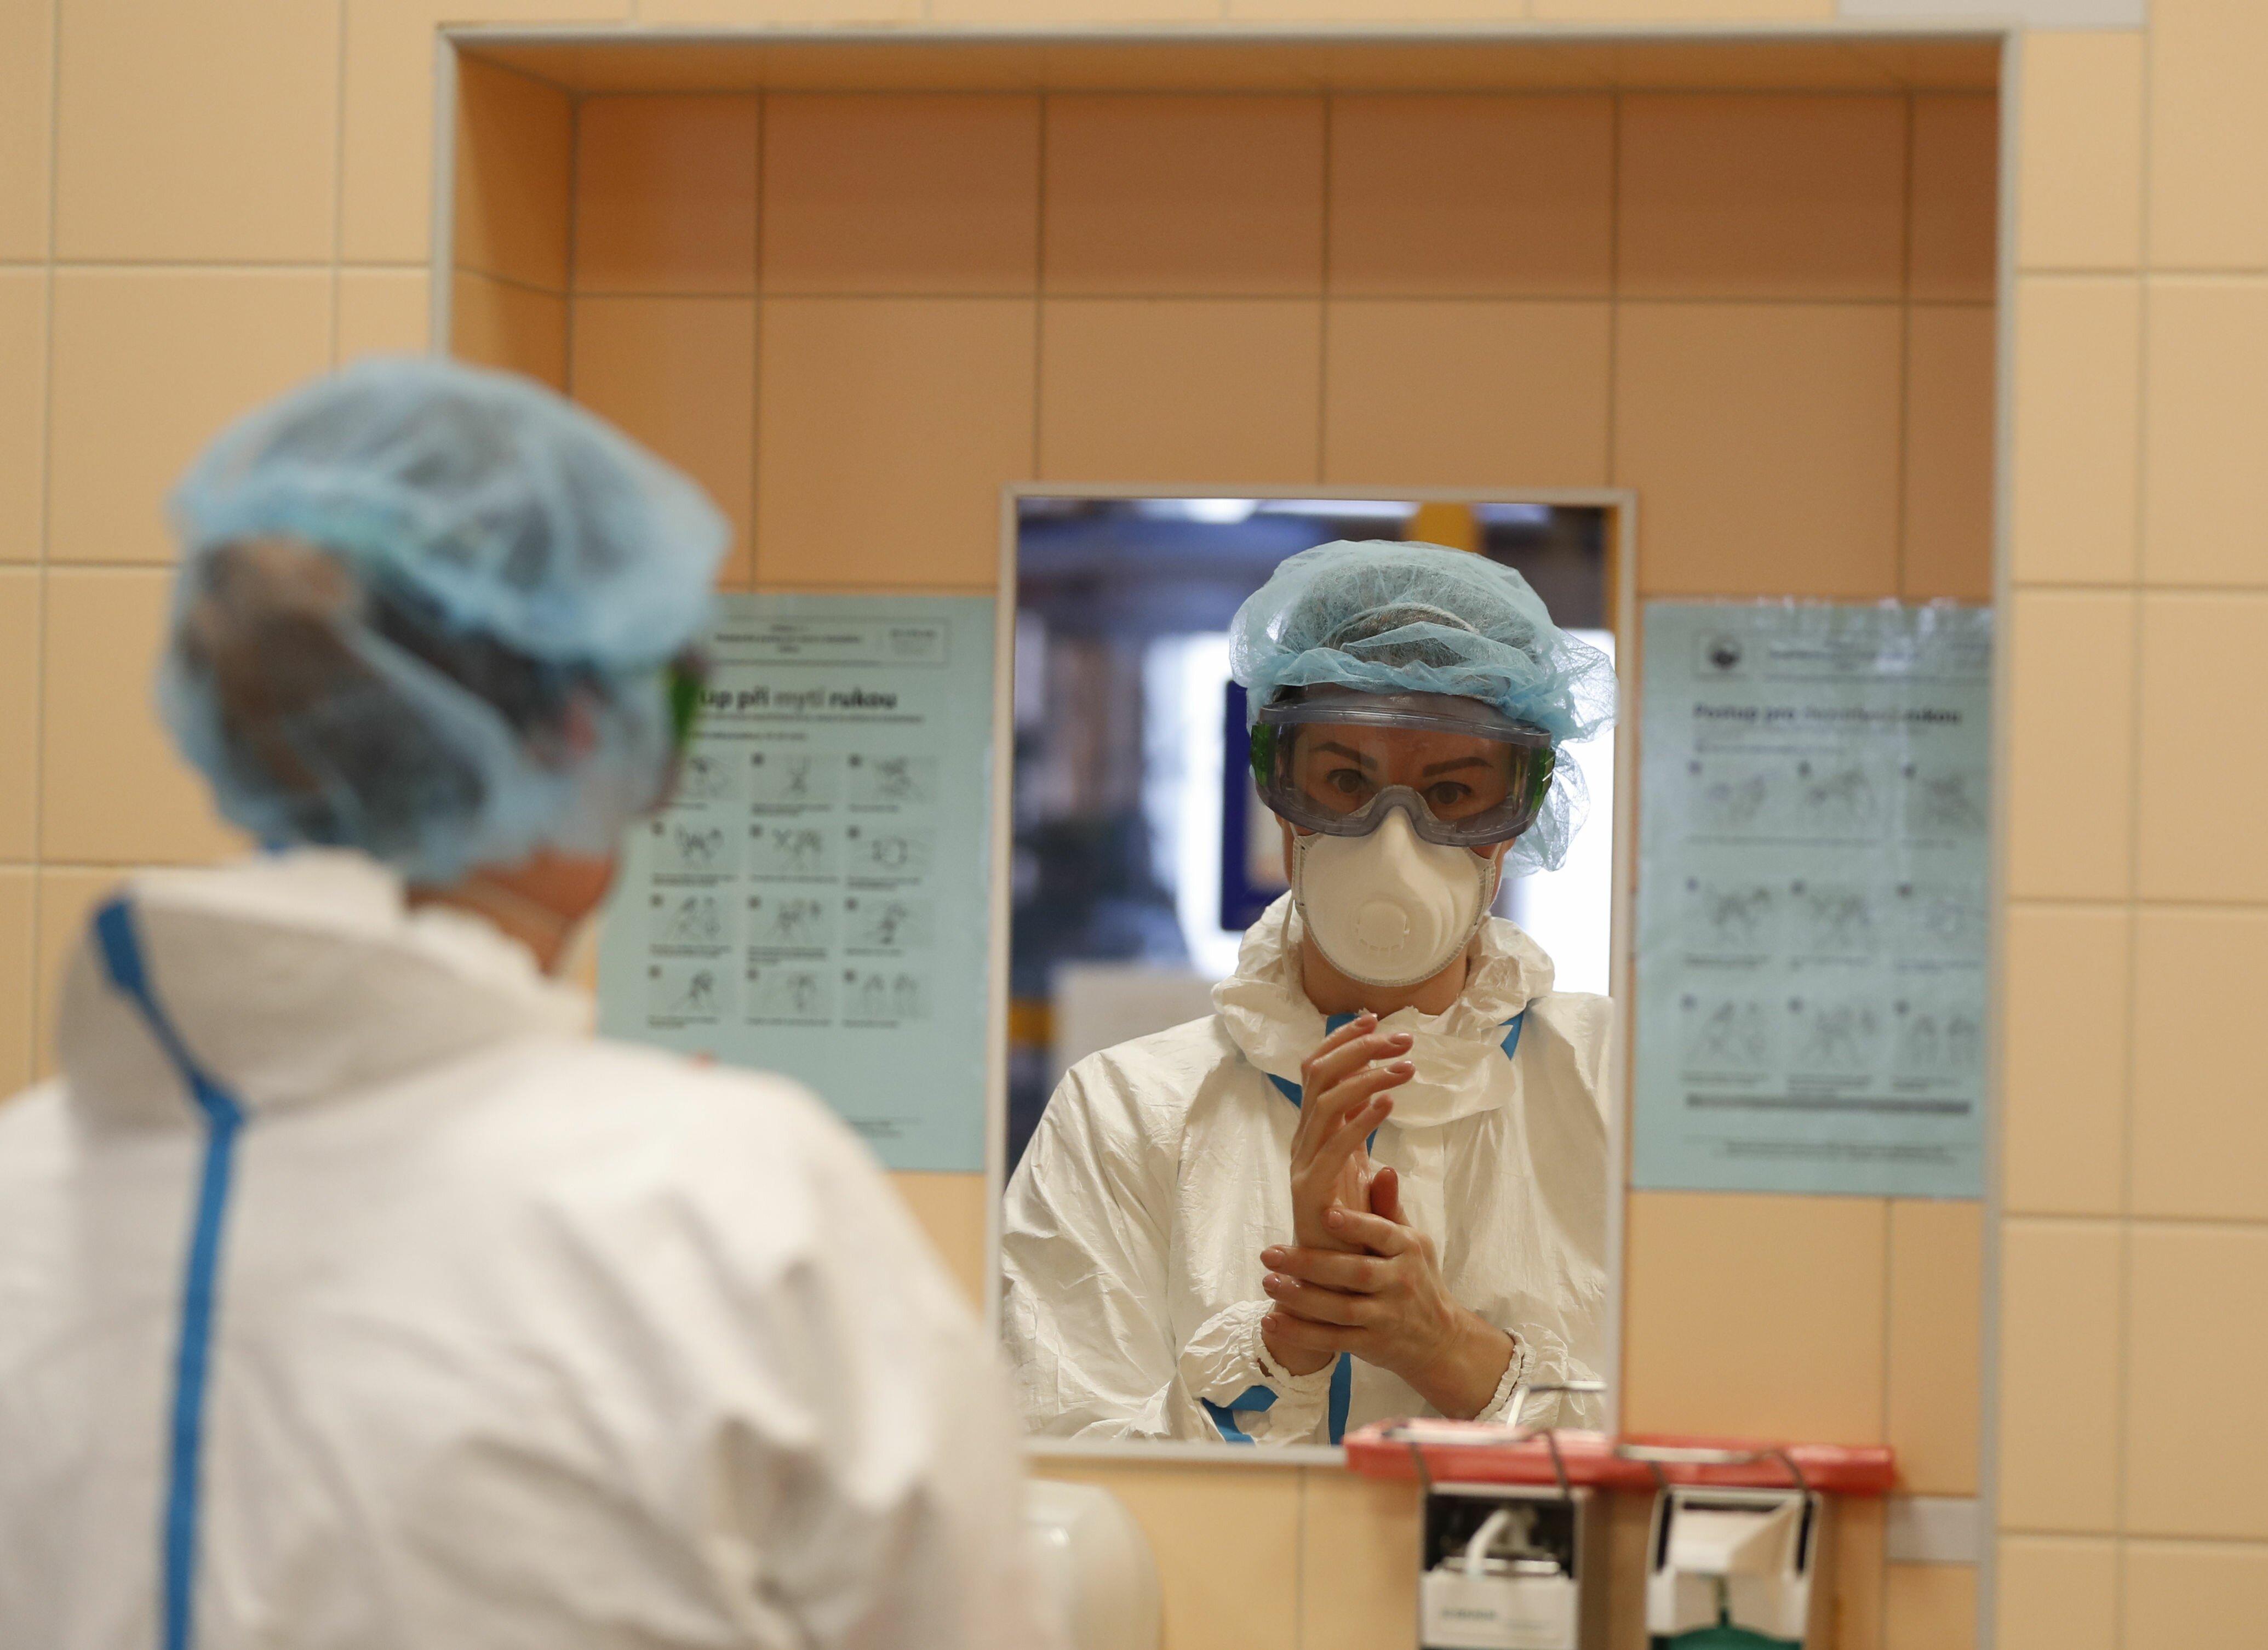 Кличко рассказал, как работают больницы в Киеве